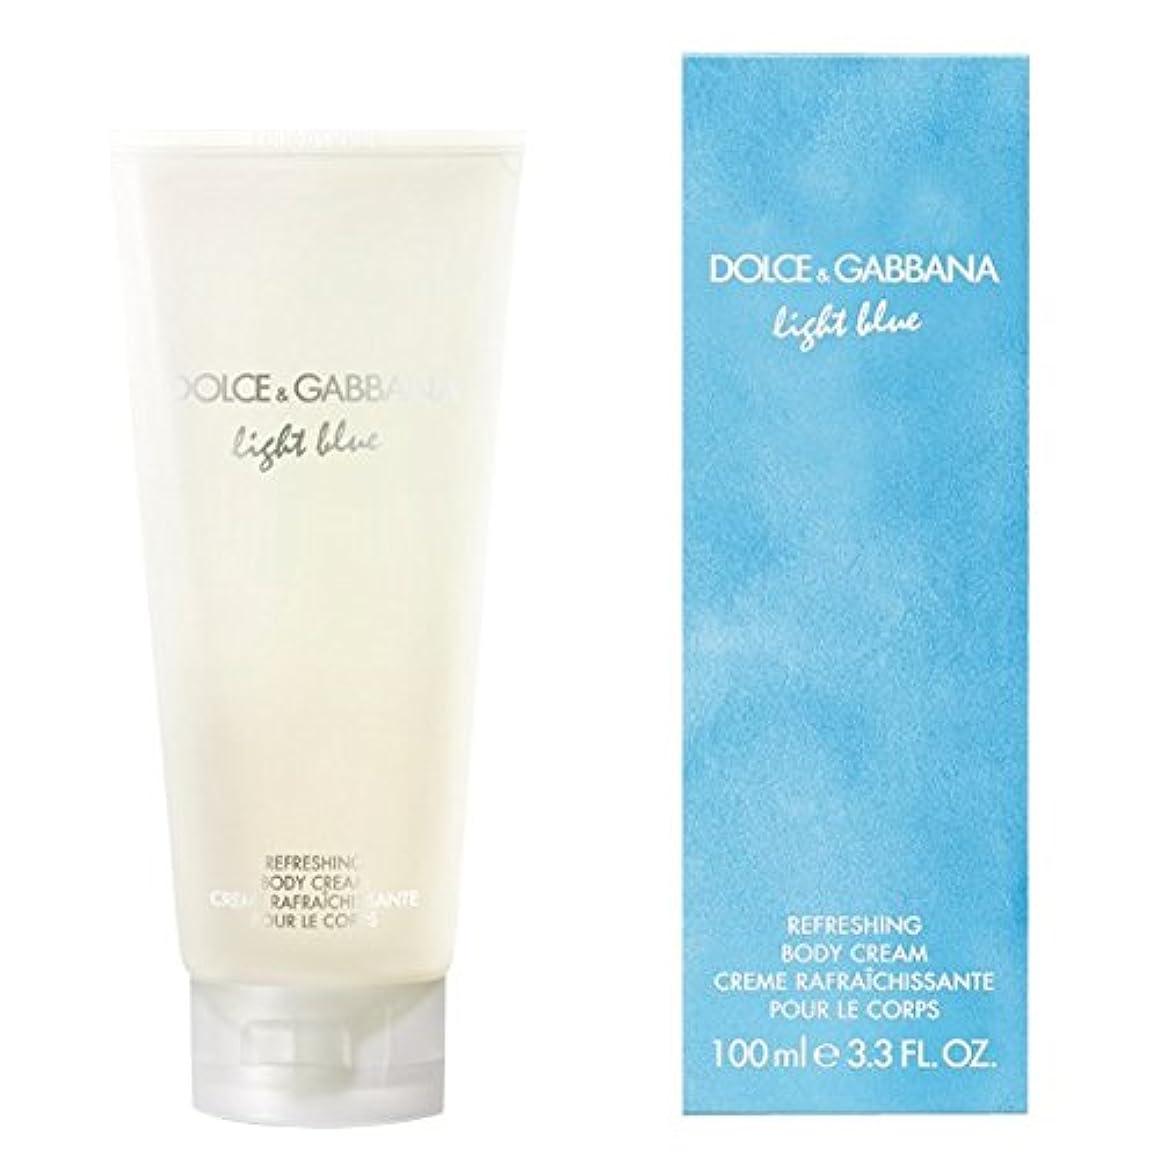 余計な布錫ドルチェ&ガッバーナライトブルーの爽やかなボディクリーム200ミリリットル (Dolce & Gabbana) - Dolce & Gabbana Light Blue Refreshing Body Cream 200ml...